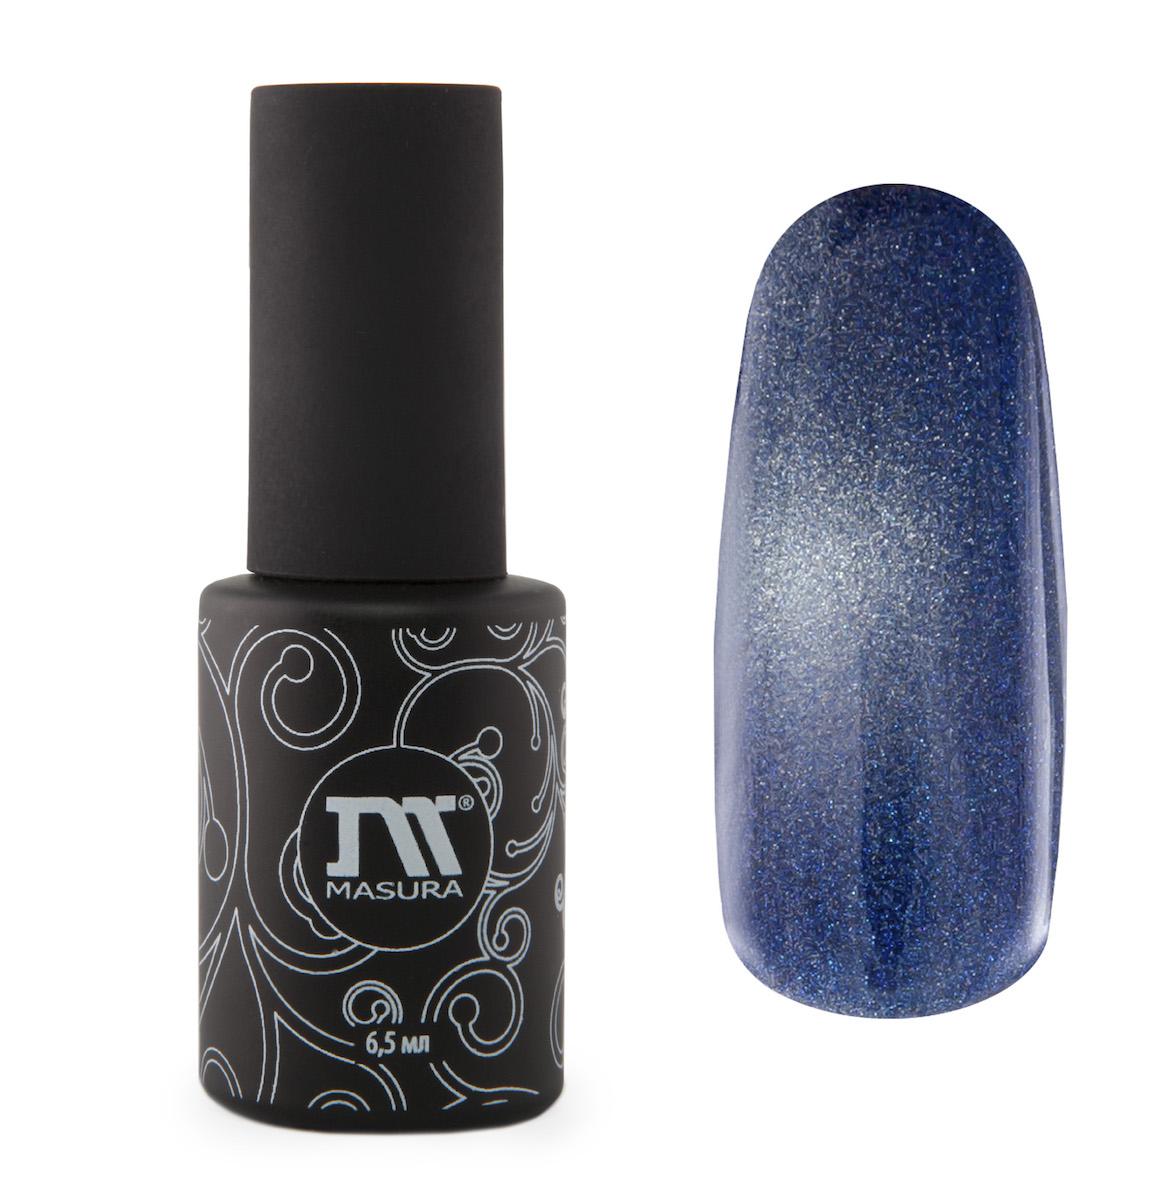 Masura Гель-лак Британский Сапфир, 6,5 мл295-09дымчато-синий, с зеркальным переливом, плотный